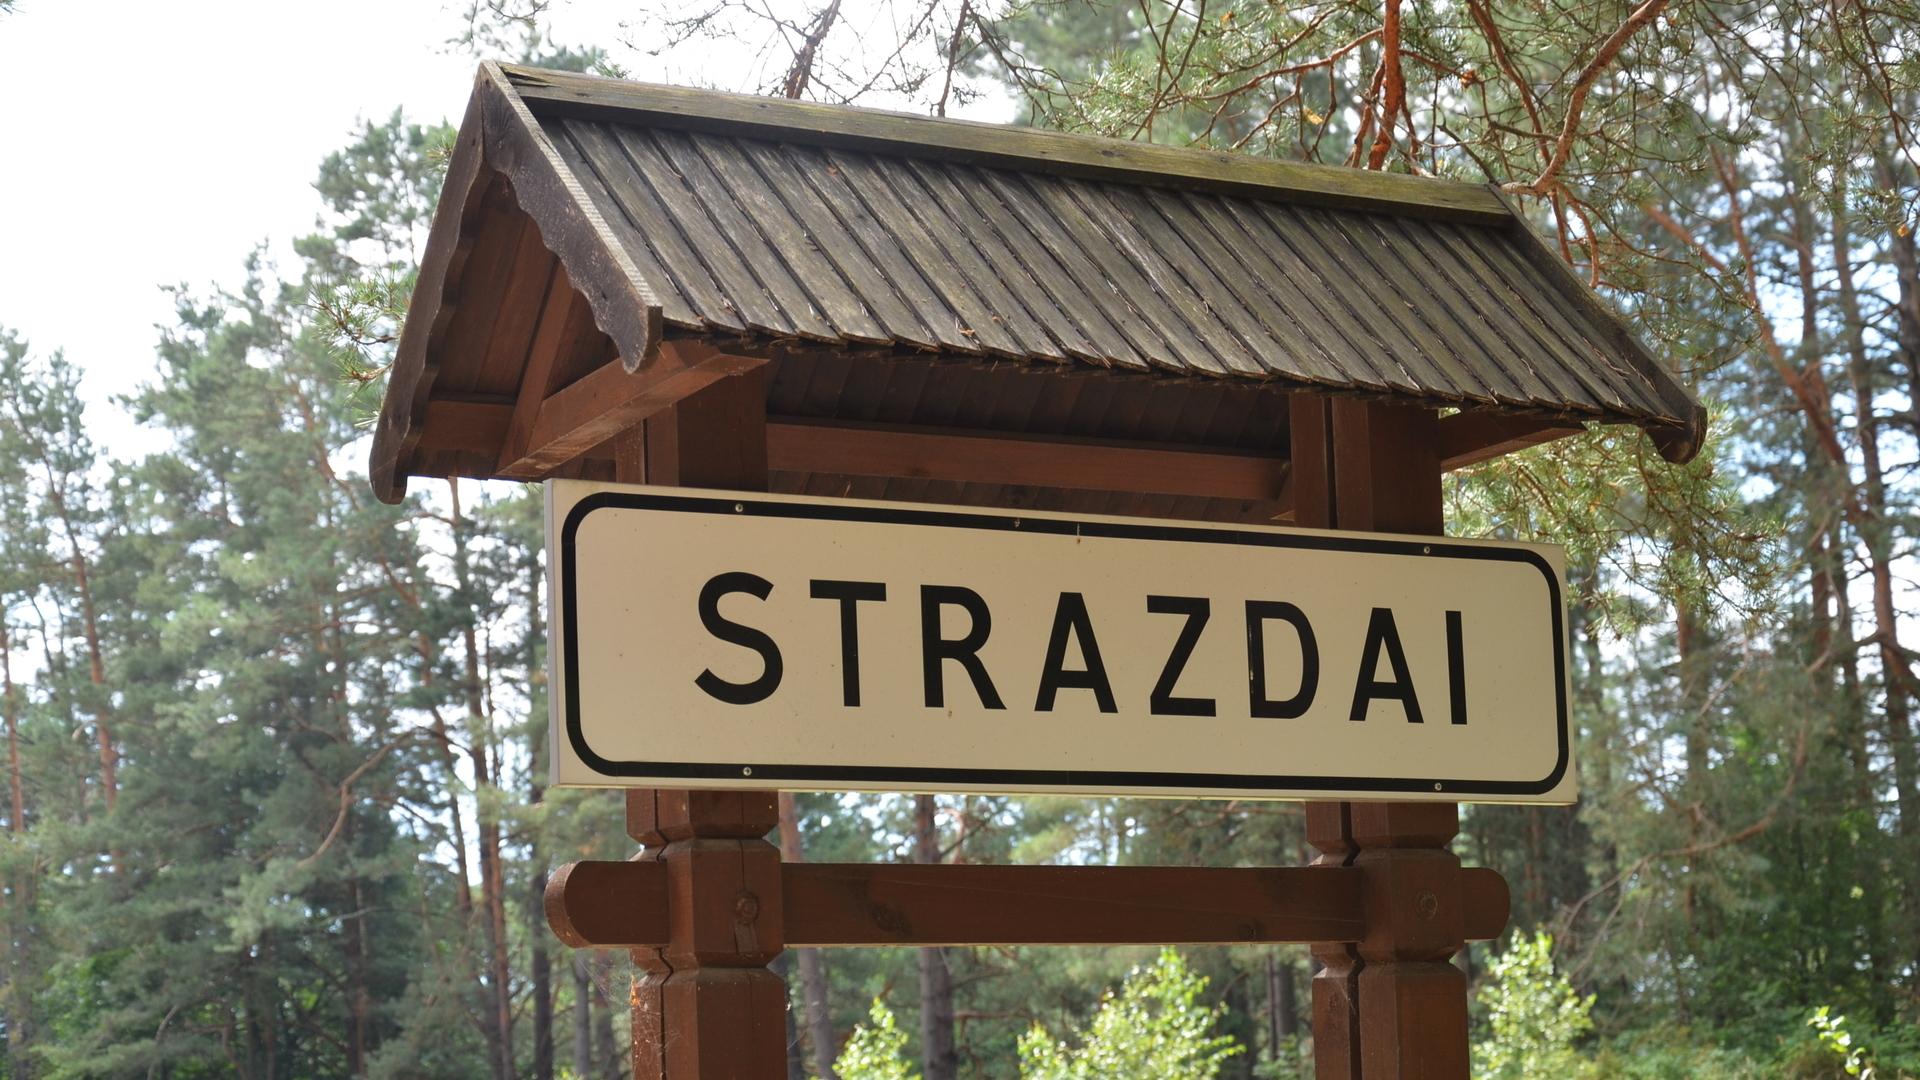 Этнографические деревни: Strazdai